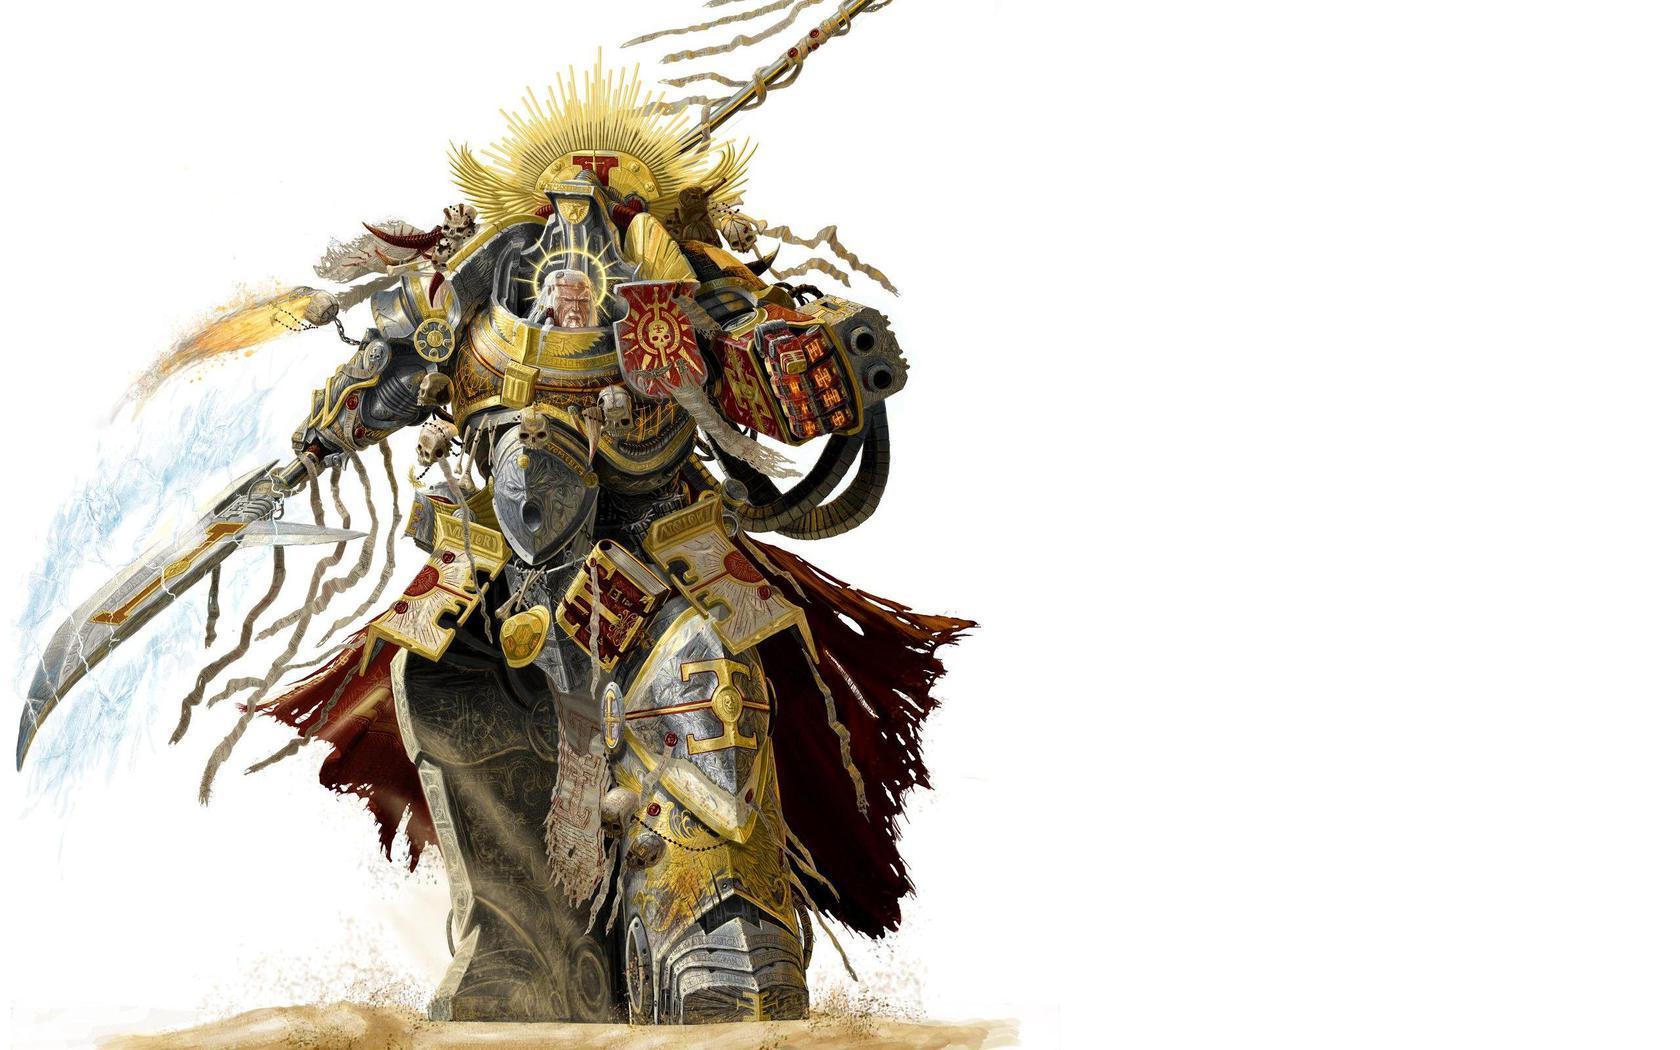 Warhammer 40k - high-res pics image - lukaluka94 - Mod DB